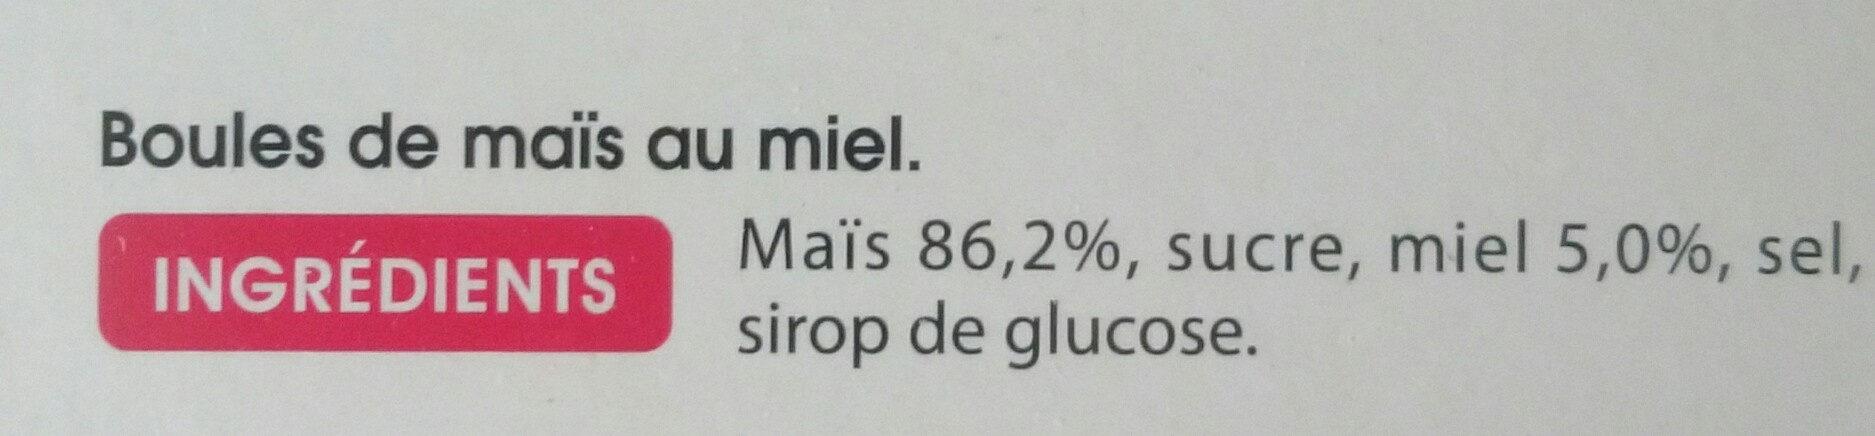 billes miel - Ingredients - fr